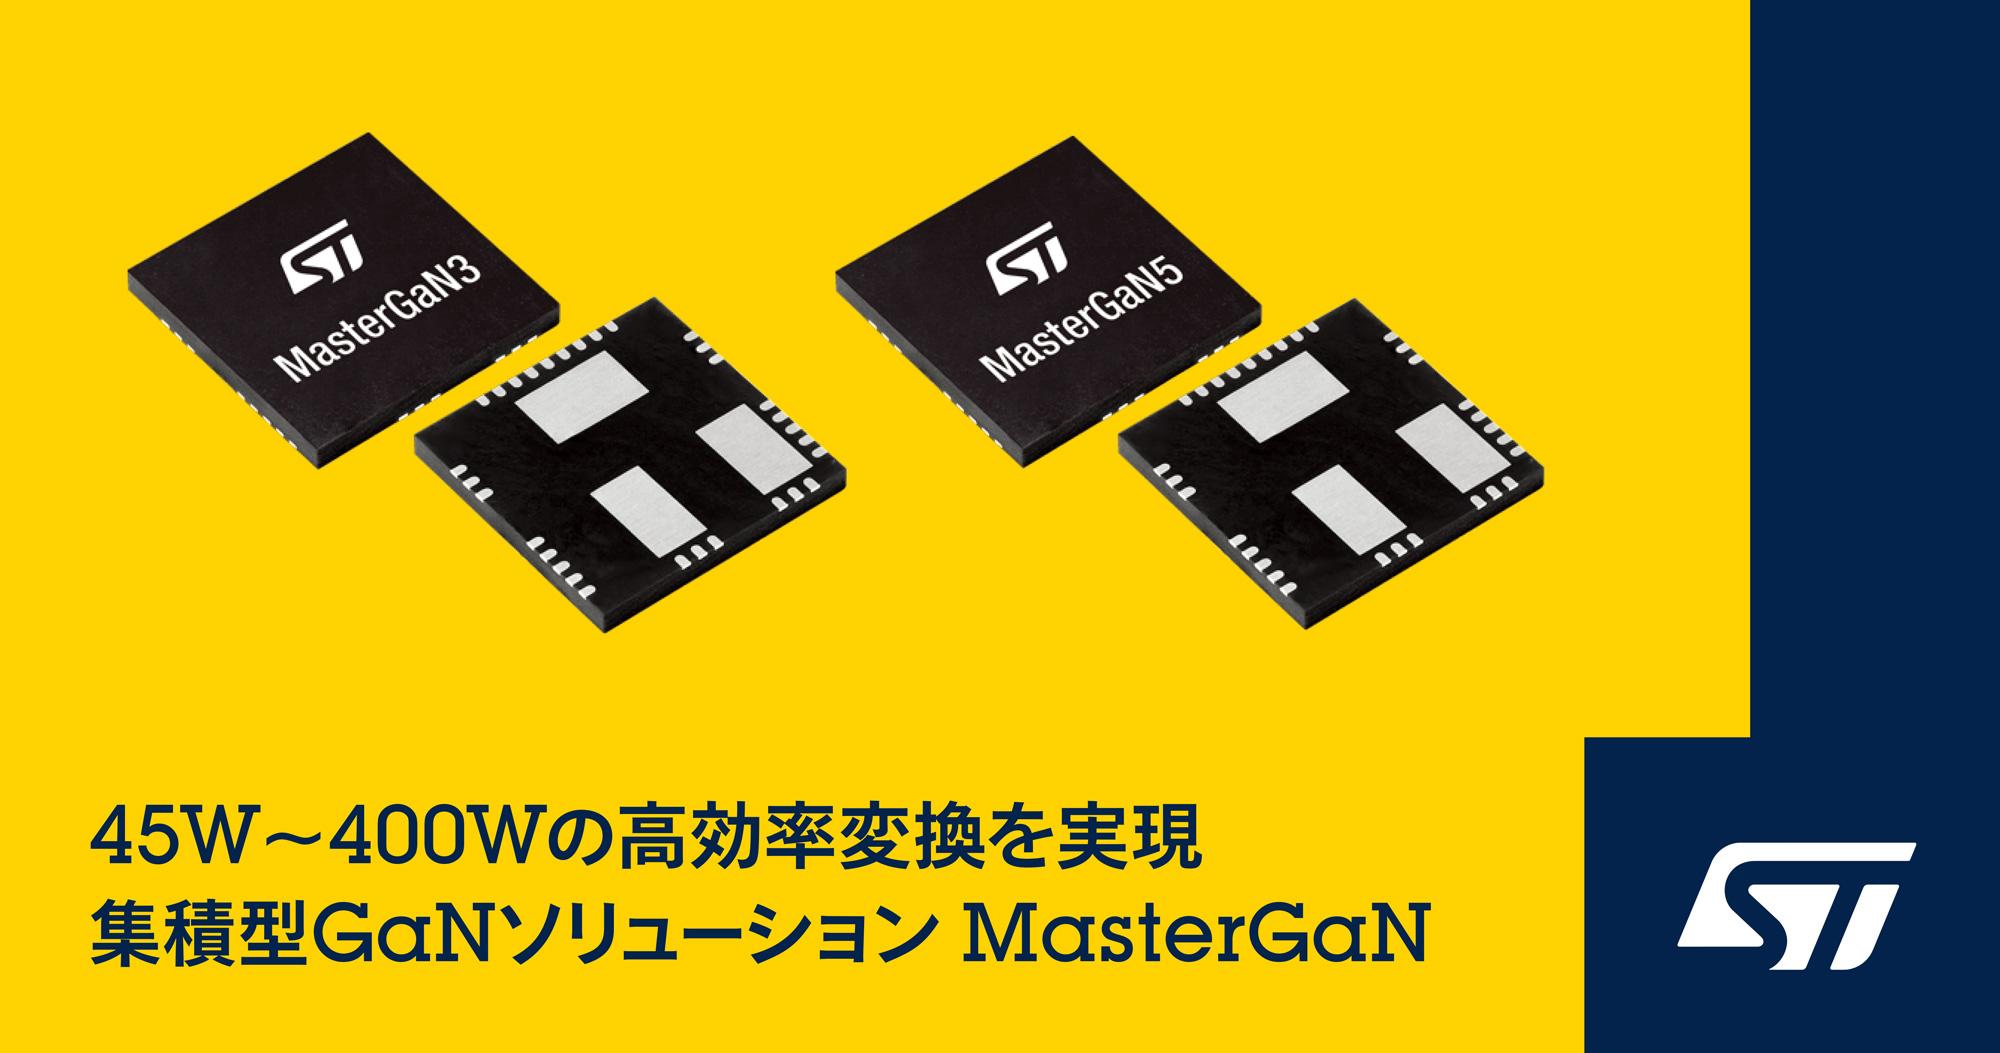 STマイクロエレクトロニクスが最大45W / 150Wの高効率変換を可能にする集積型GaNソリューションを発表